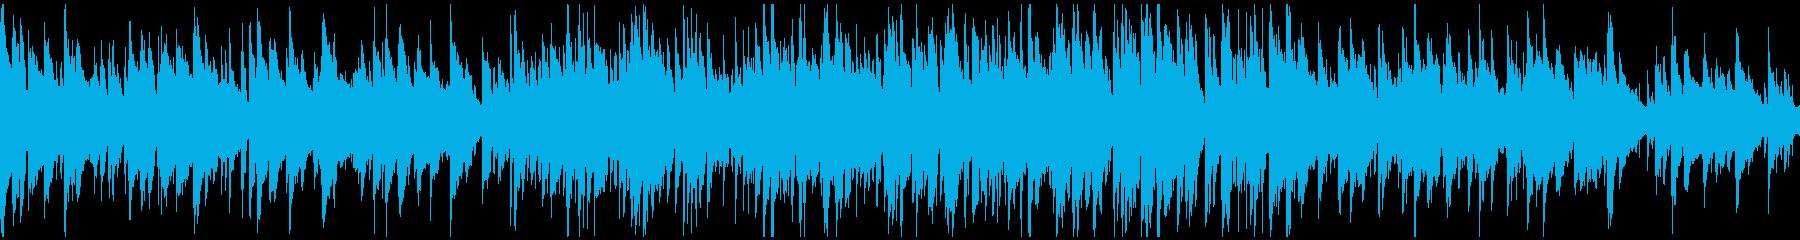 クールな北欧系ジャズ、サックス※ループ版の再生済みの波形